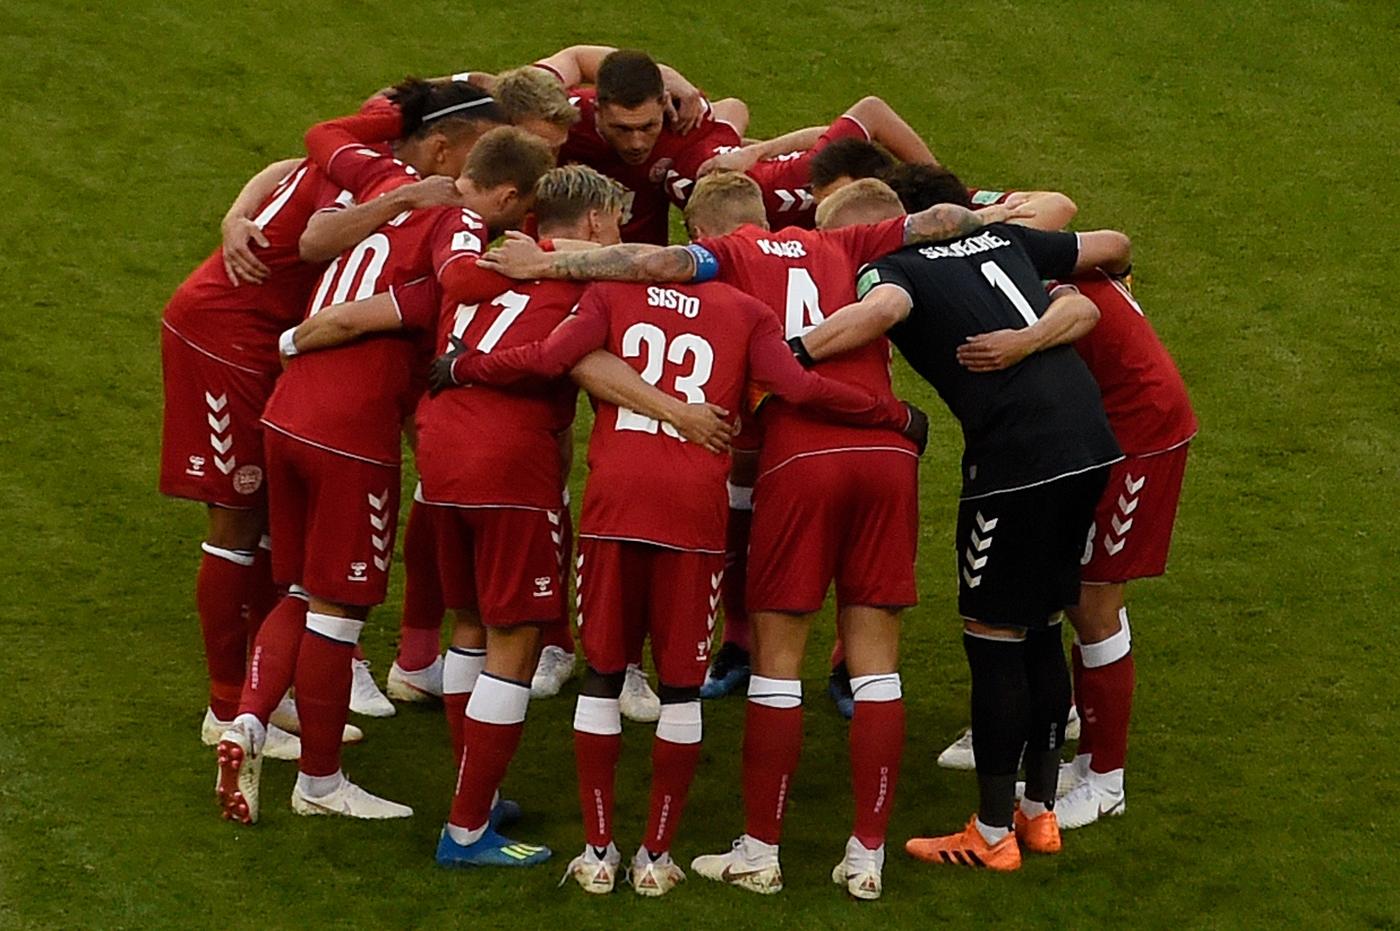 Danimarca-Austria 16 ottobre: match amichevole tra selezioni europee. I danesi partono favoriti per la vittoria in questa sfida.